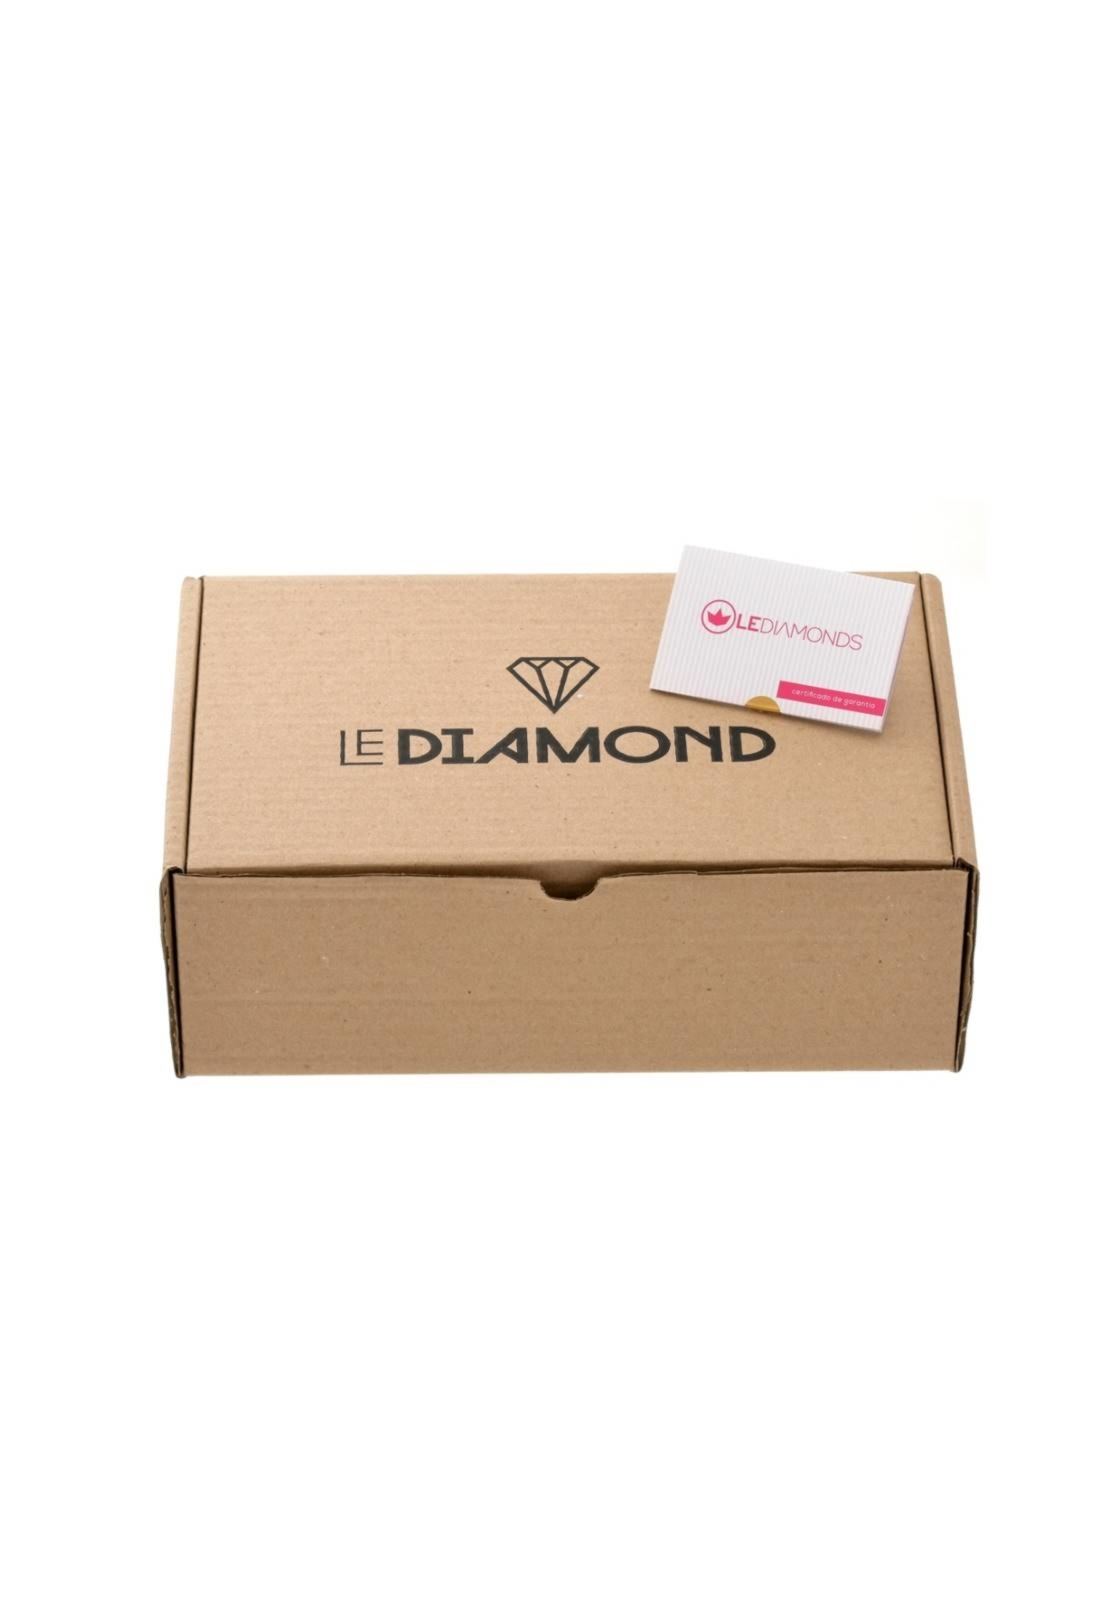 Brinco Aro  Le Diamond  Dourado